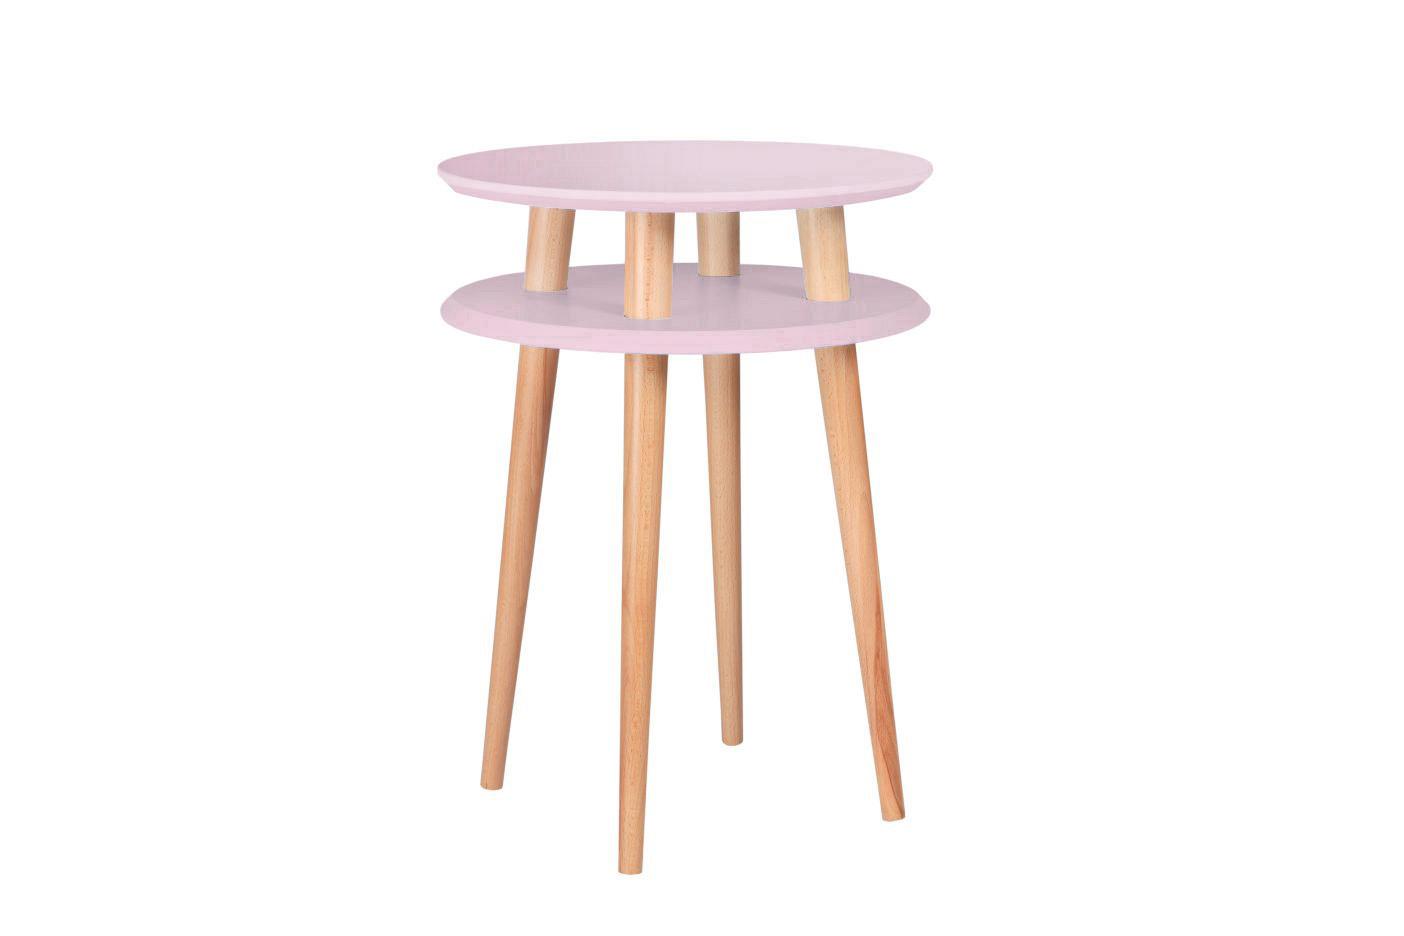 Masa de cafea Ufo High Dusky Pink, Ø45xh61 cm